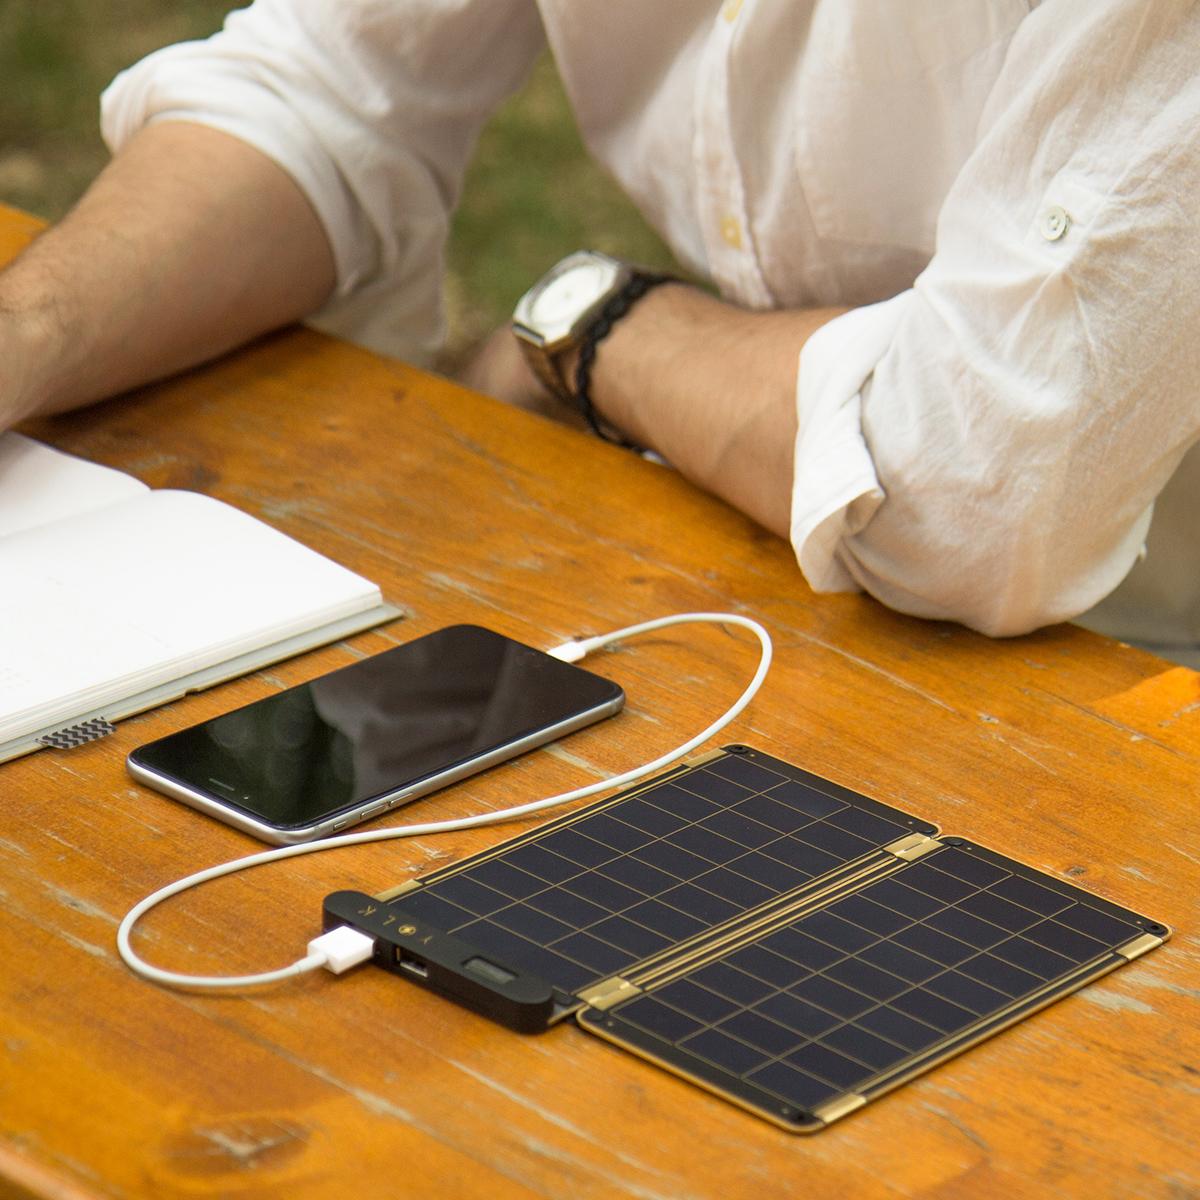 """""""太陽""""は、あなたのモバイルバッテリー 基本セット(15W・6枚セット)  """"太陽""""がスマホを充電してくれる。晴れた日なら、家庭用コンセントとほぼ同じスピードで充電。薄さ2ミリのソーラーパネル充電器"""